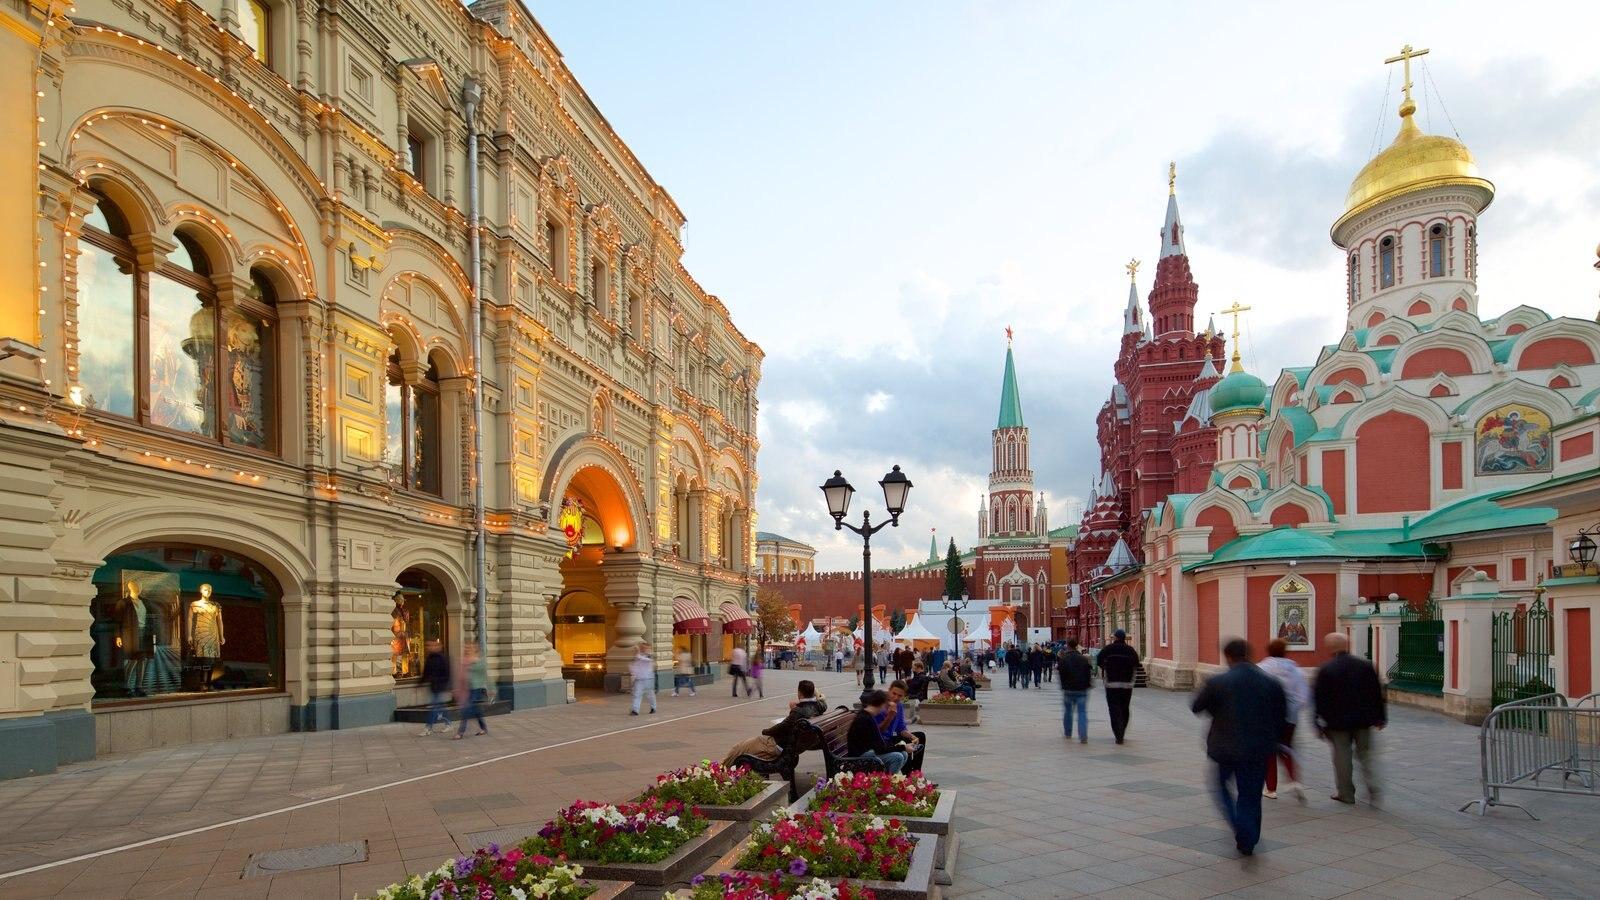 Kremlin mostrando cenas de rua e arquitetura de patrimônio